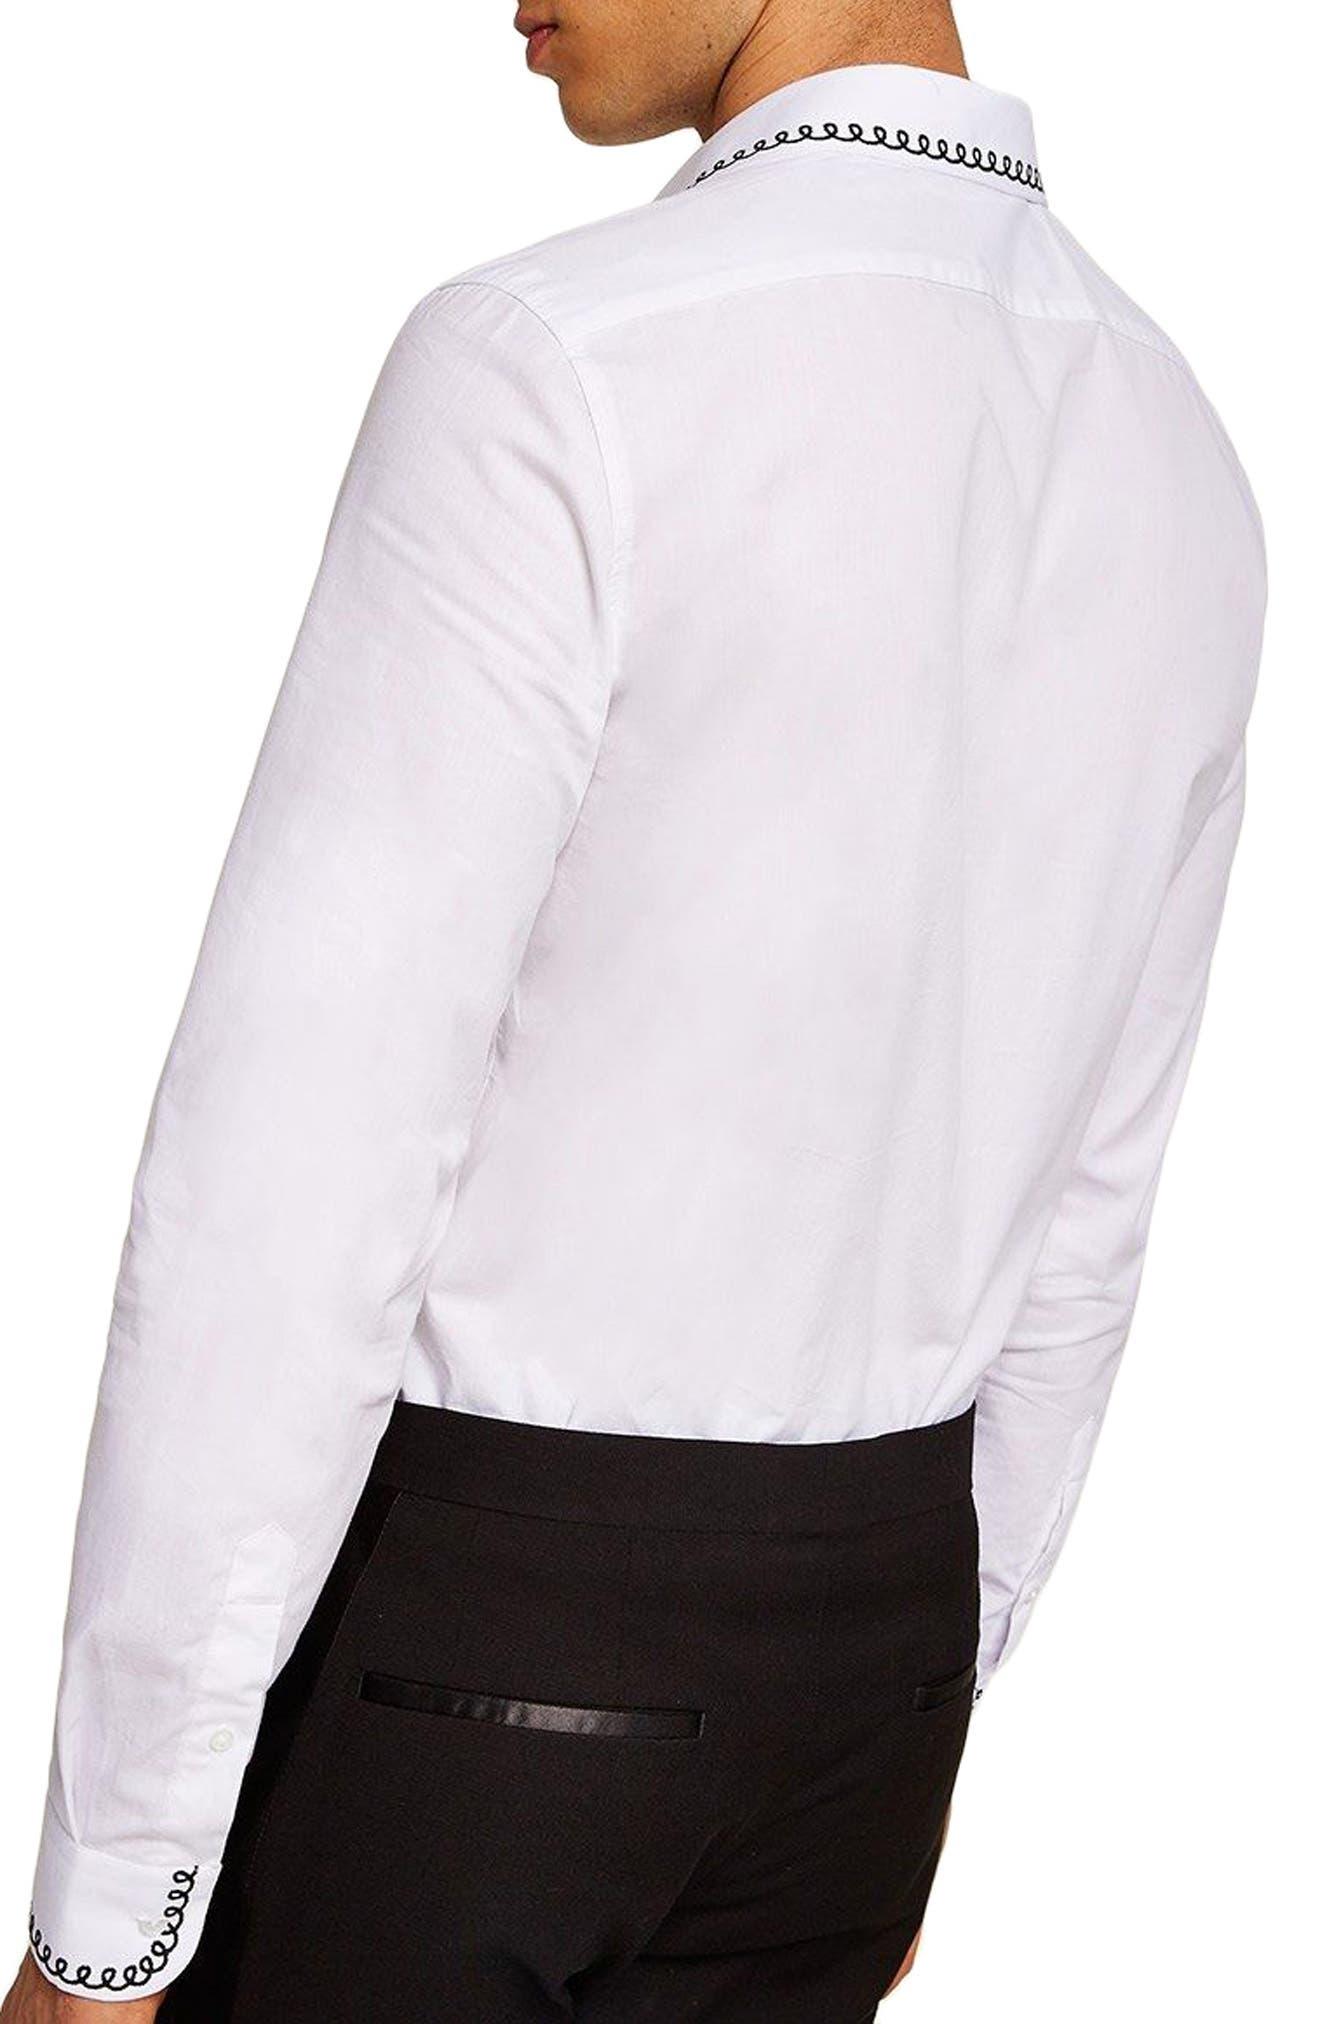 Phone Cable Dress Shirt,                             Alternate thumbnail 3, color,                             White Multi